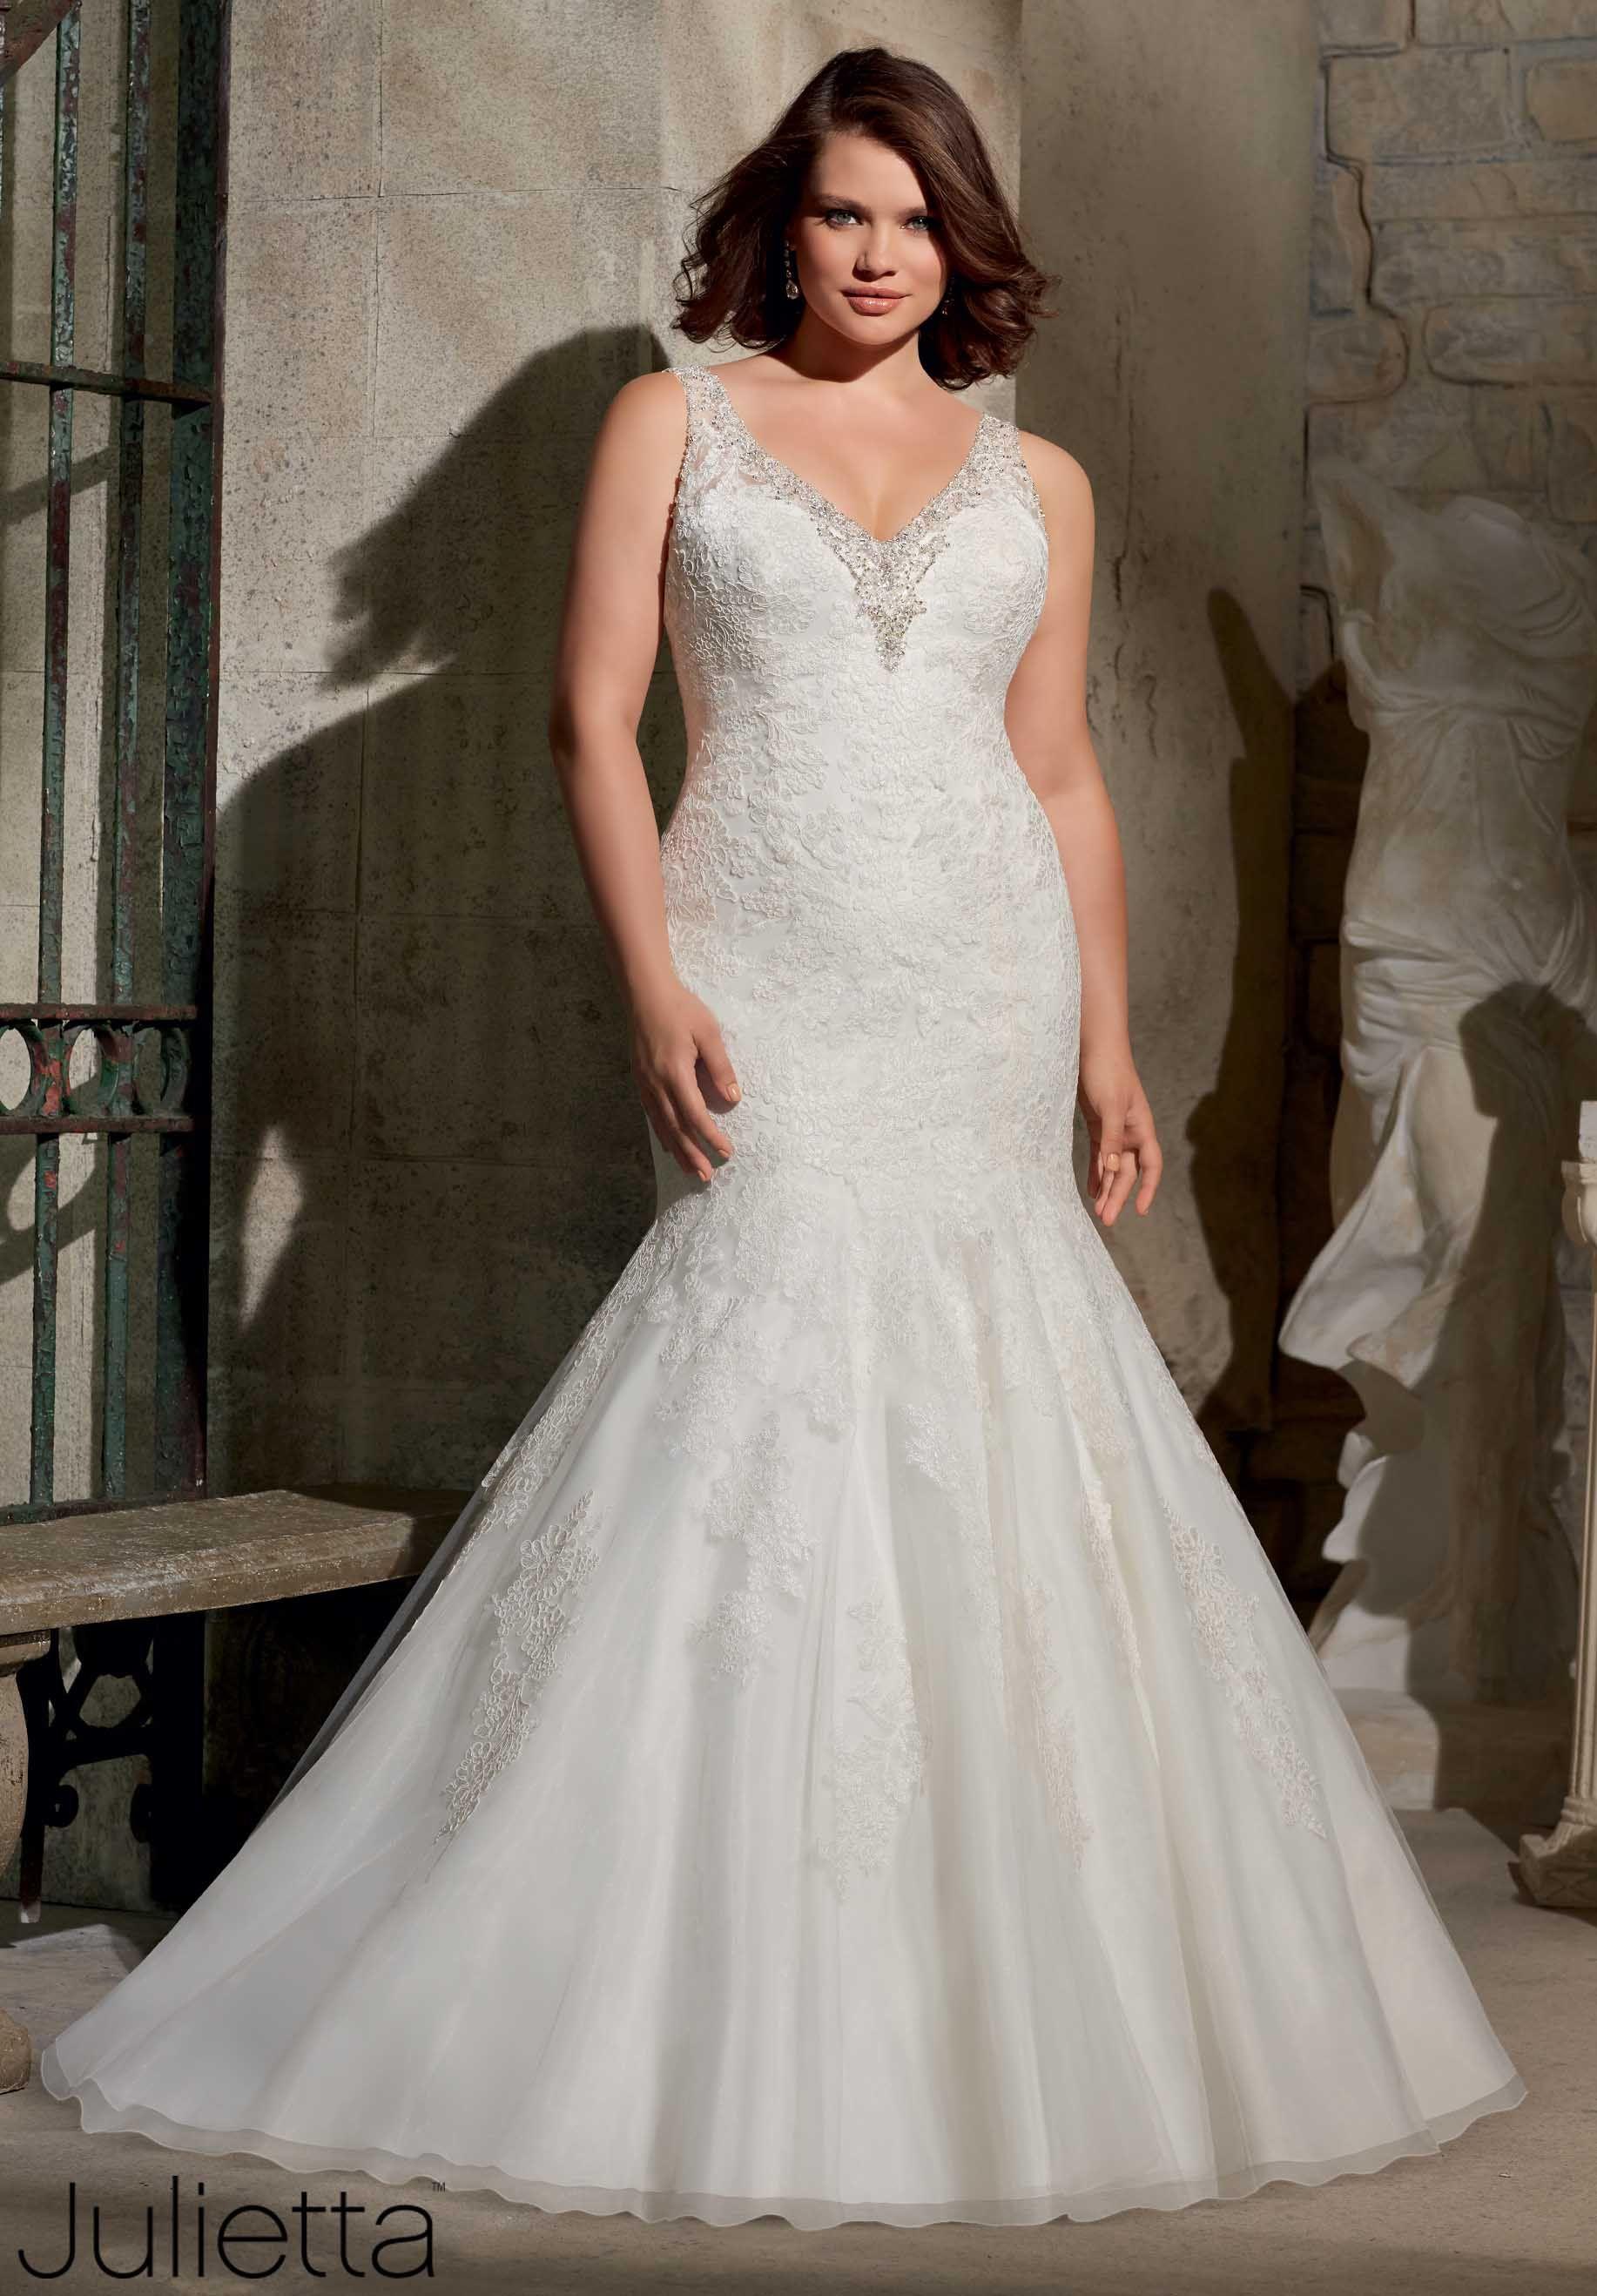 8cc73c0e6 Mori Lee siempre tiene el vestido perfecto para las mujeres con curvas.  3171-058.jpg (1834×2636)